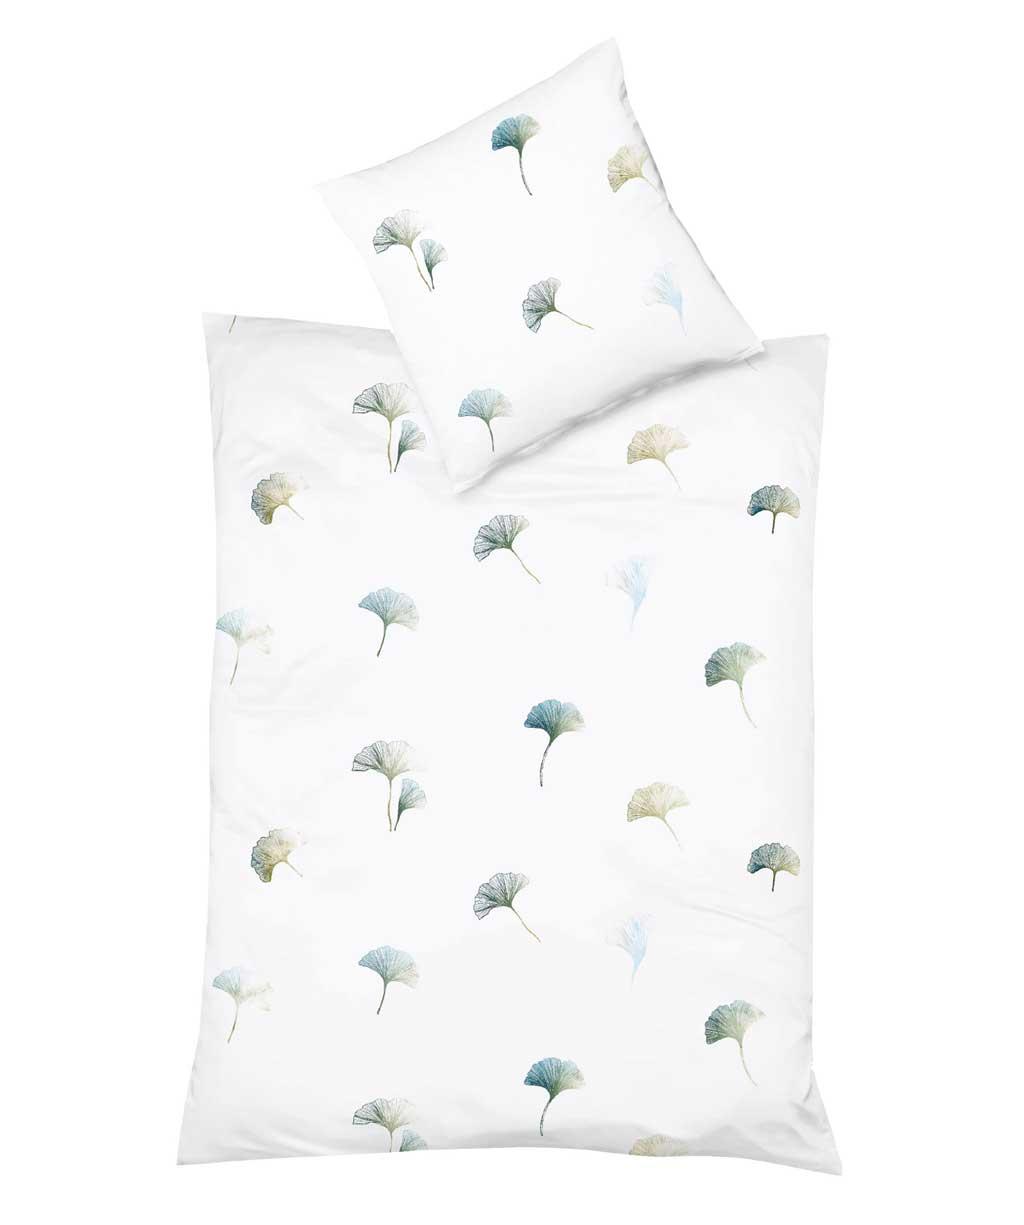 Herrlich leichte Mako Batist Bettwäsche mit Ginkgoblättern in Grün